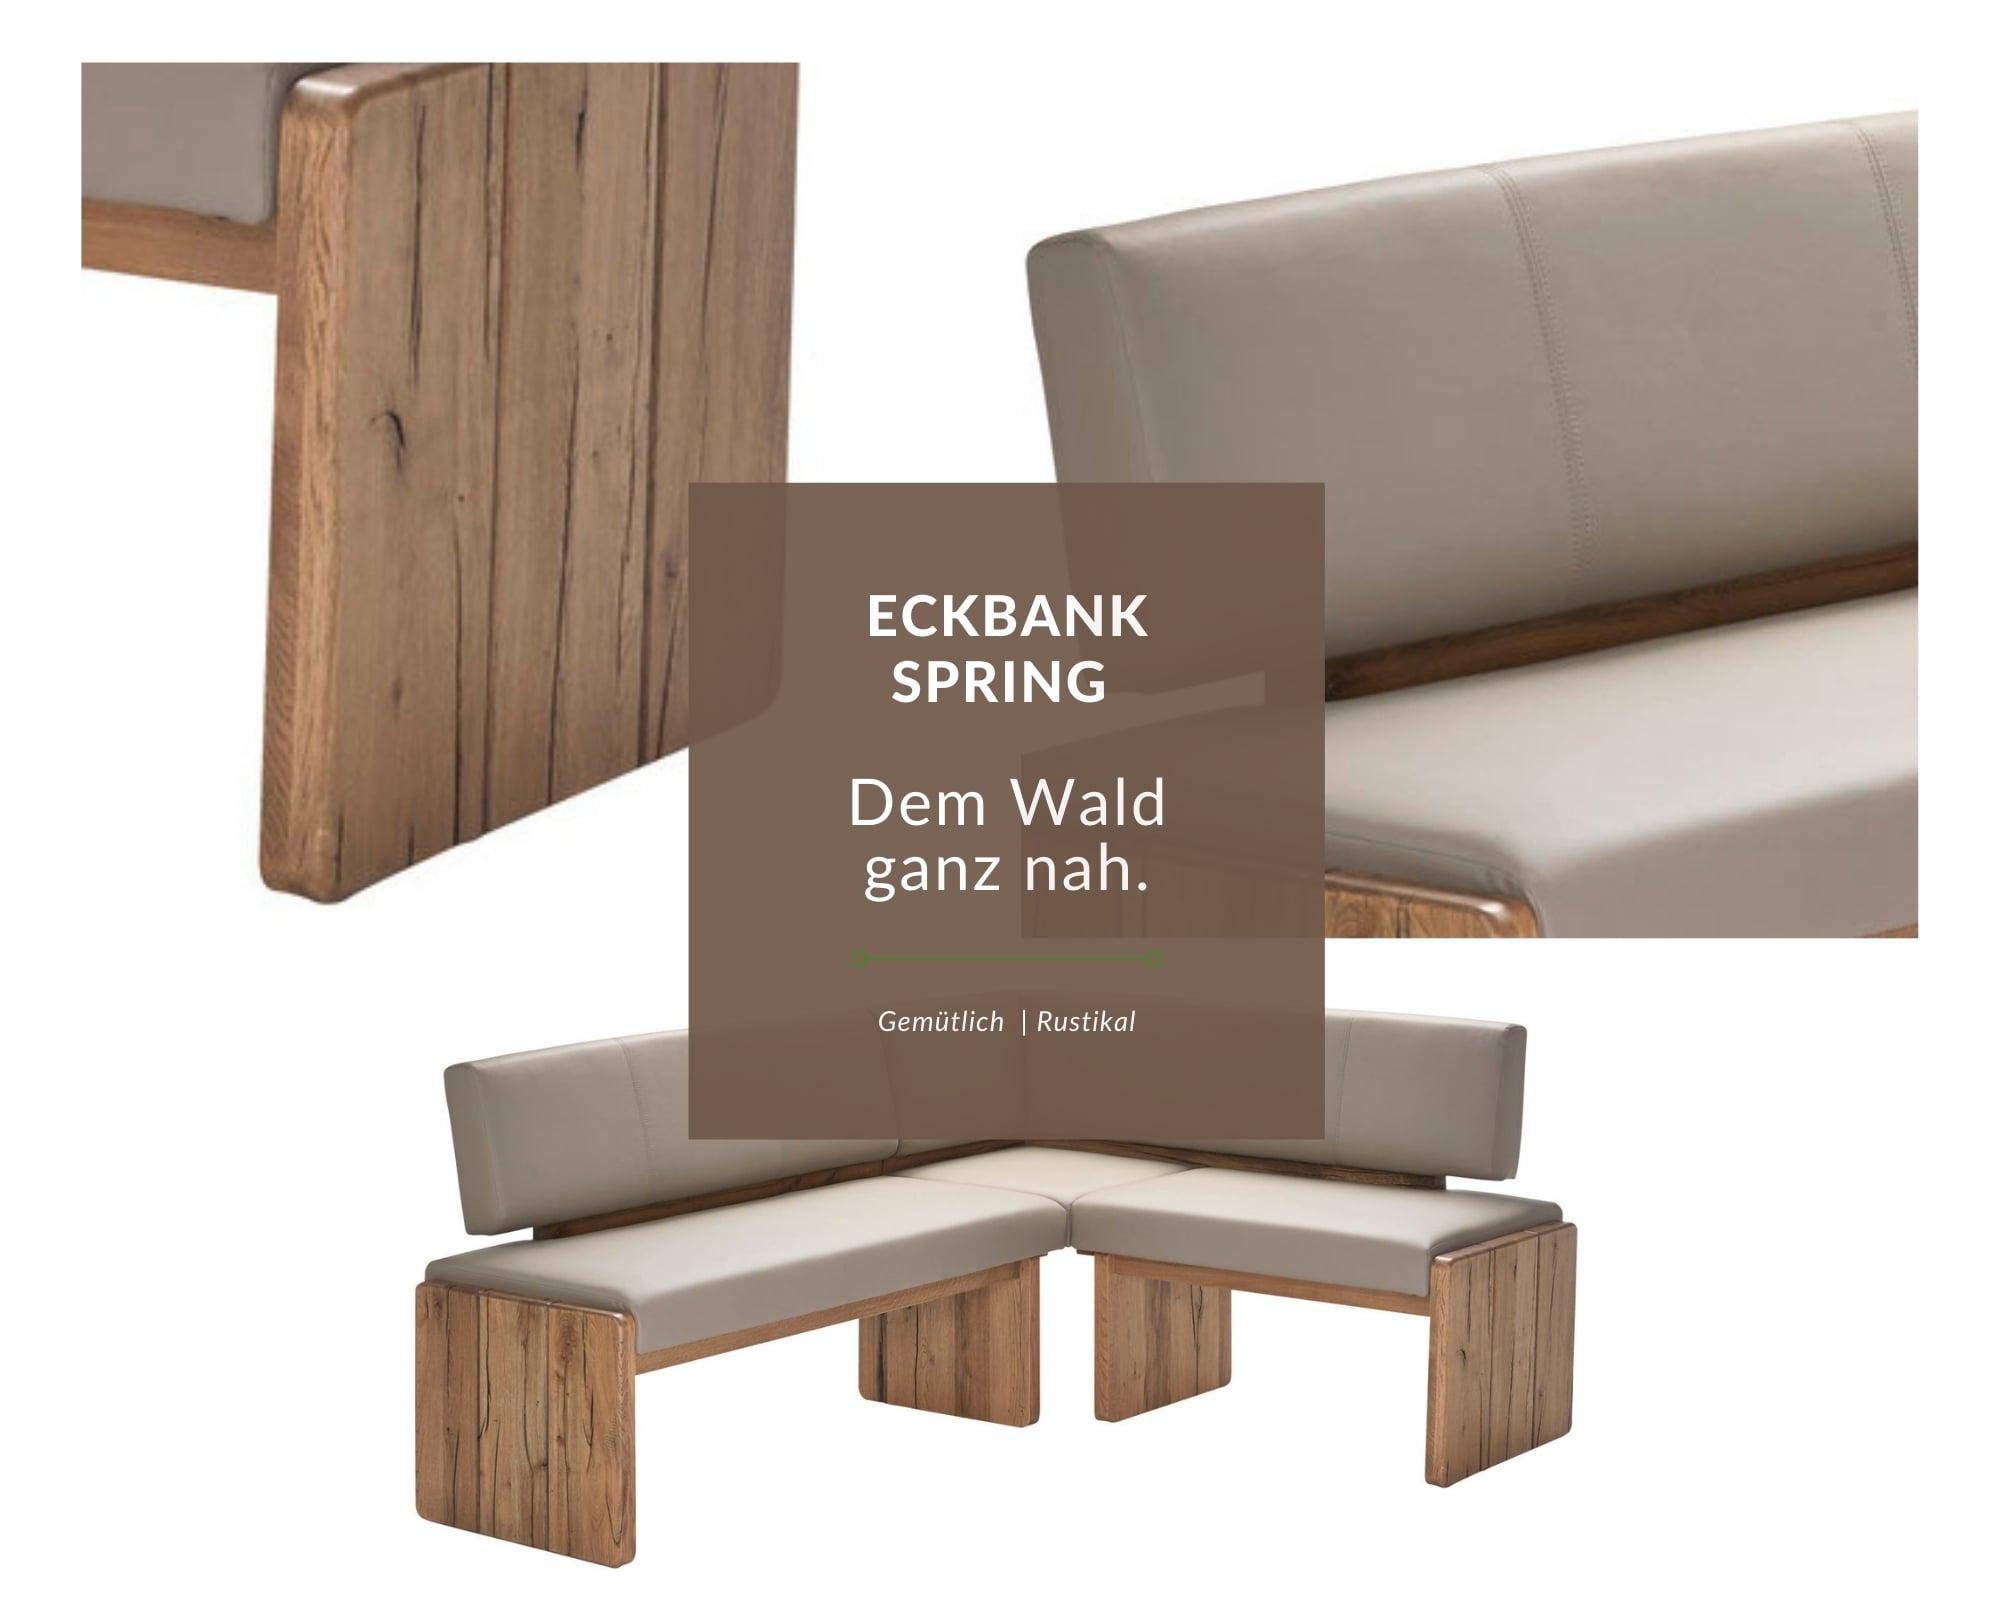 eckbank aus massivholz mit echtleder-spring-design-rustikal-details